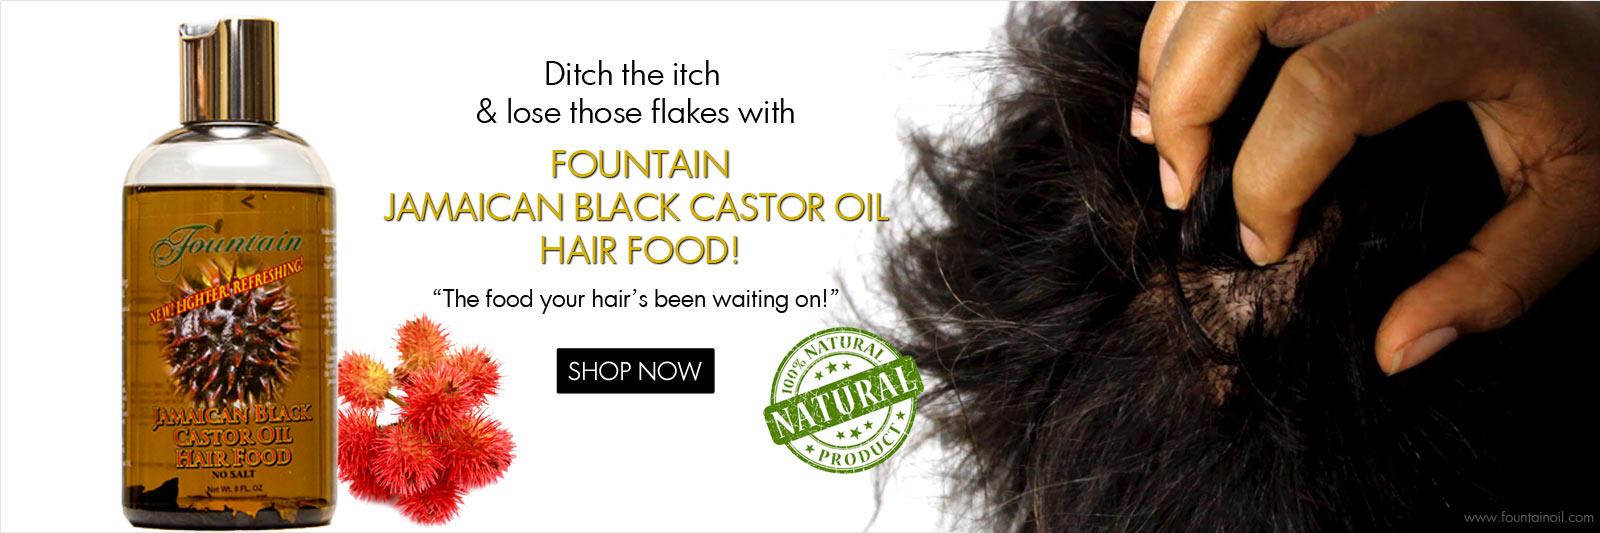 Fountain JBCO Hair Food